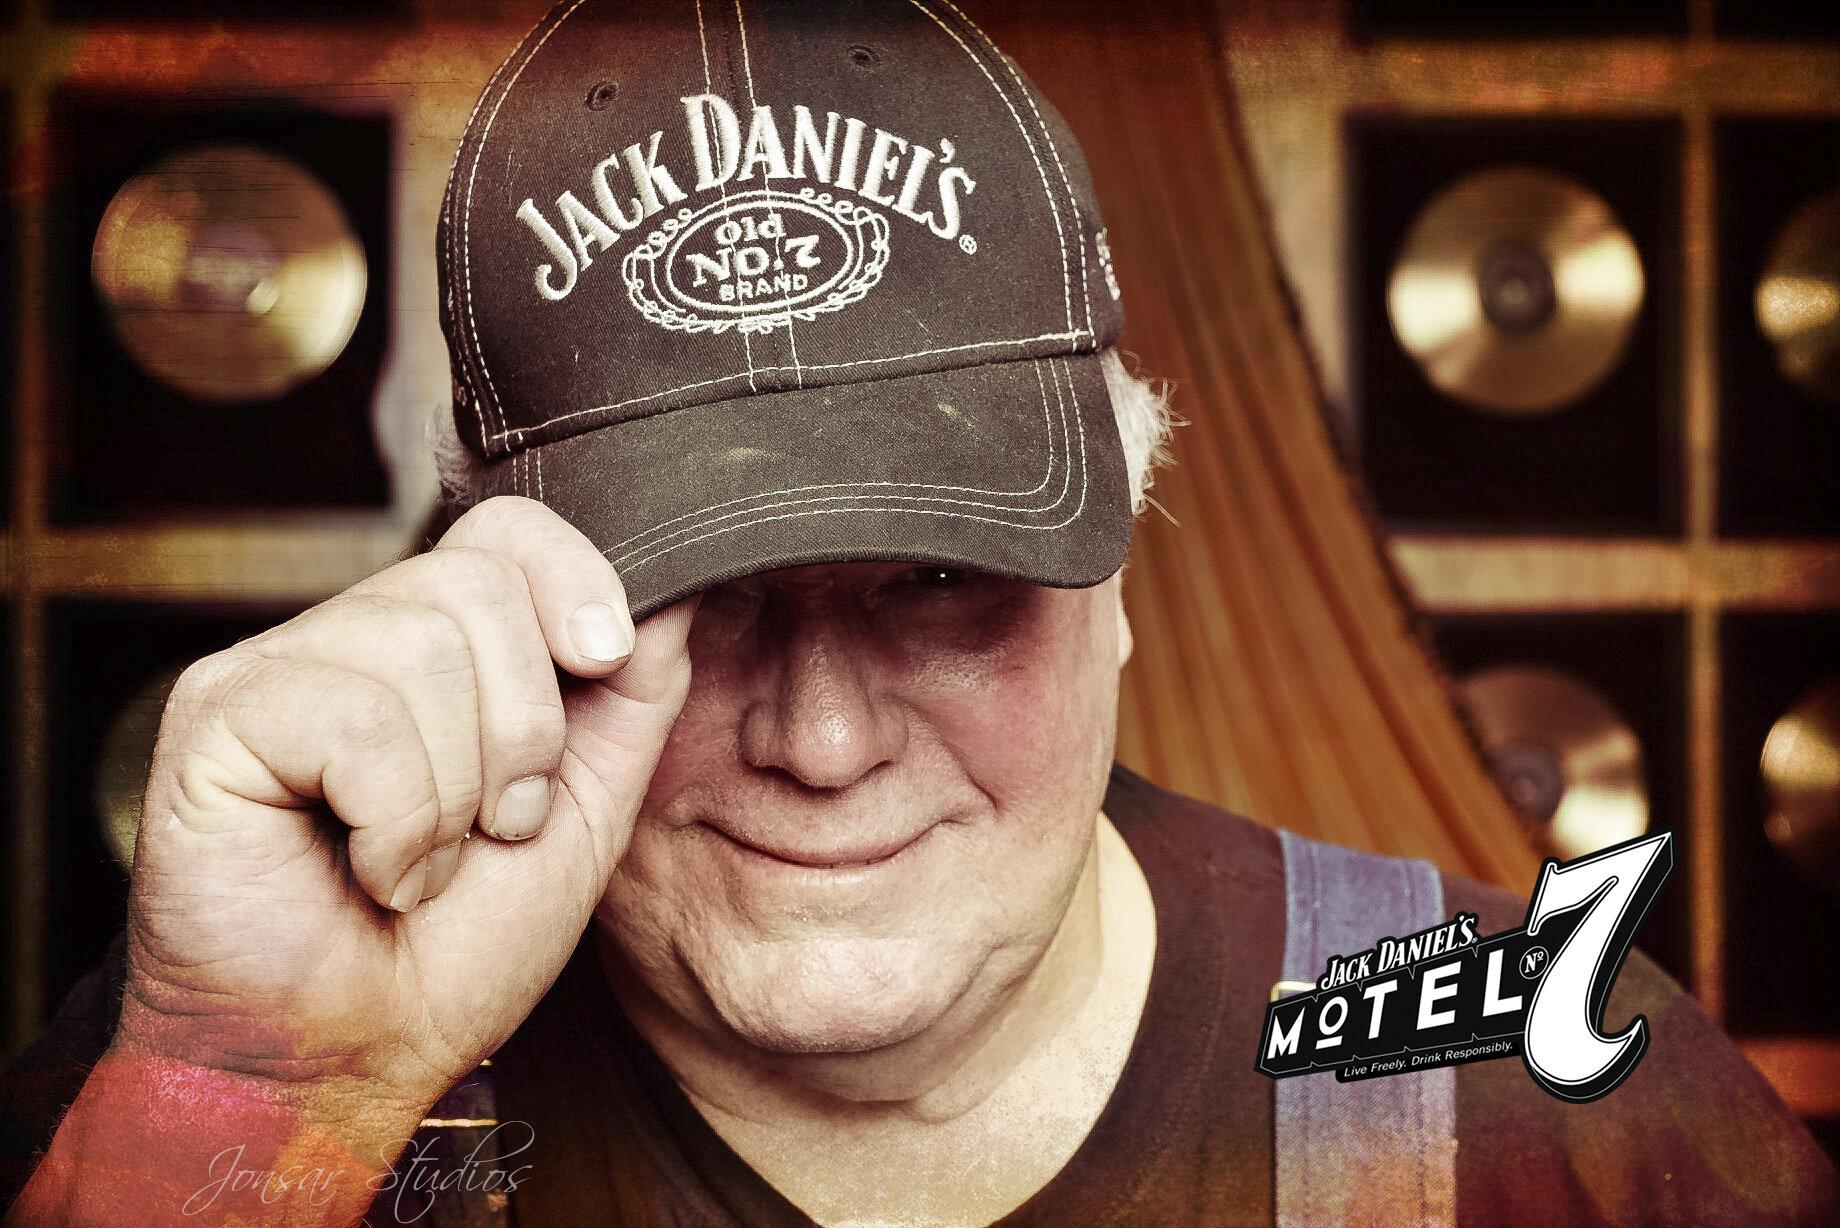 Colorful Portrait of man wearing Jack Daniel's Cap